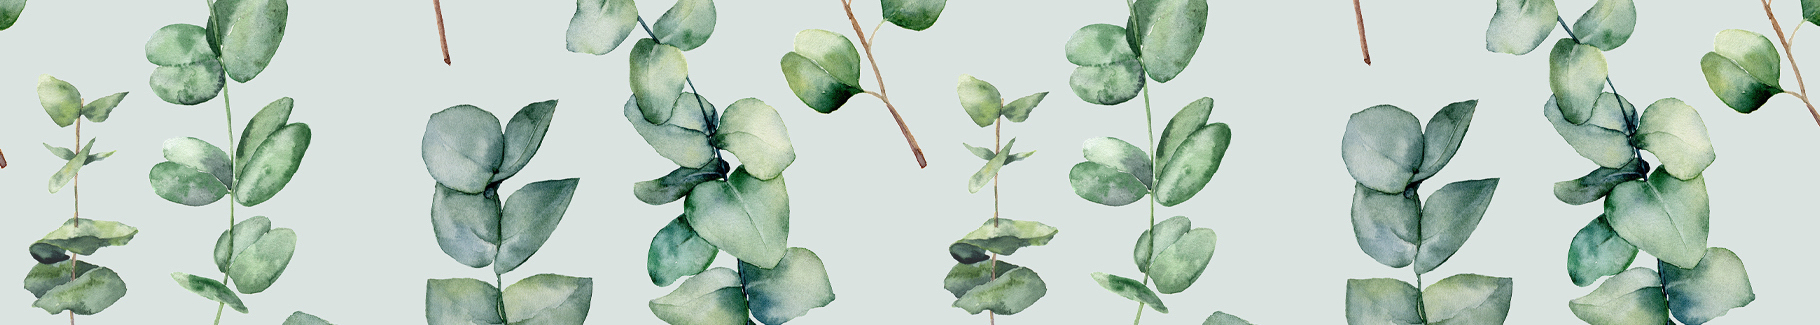 Fototapeta zielony las tropikalny